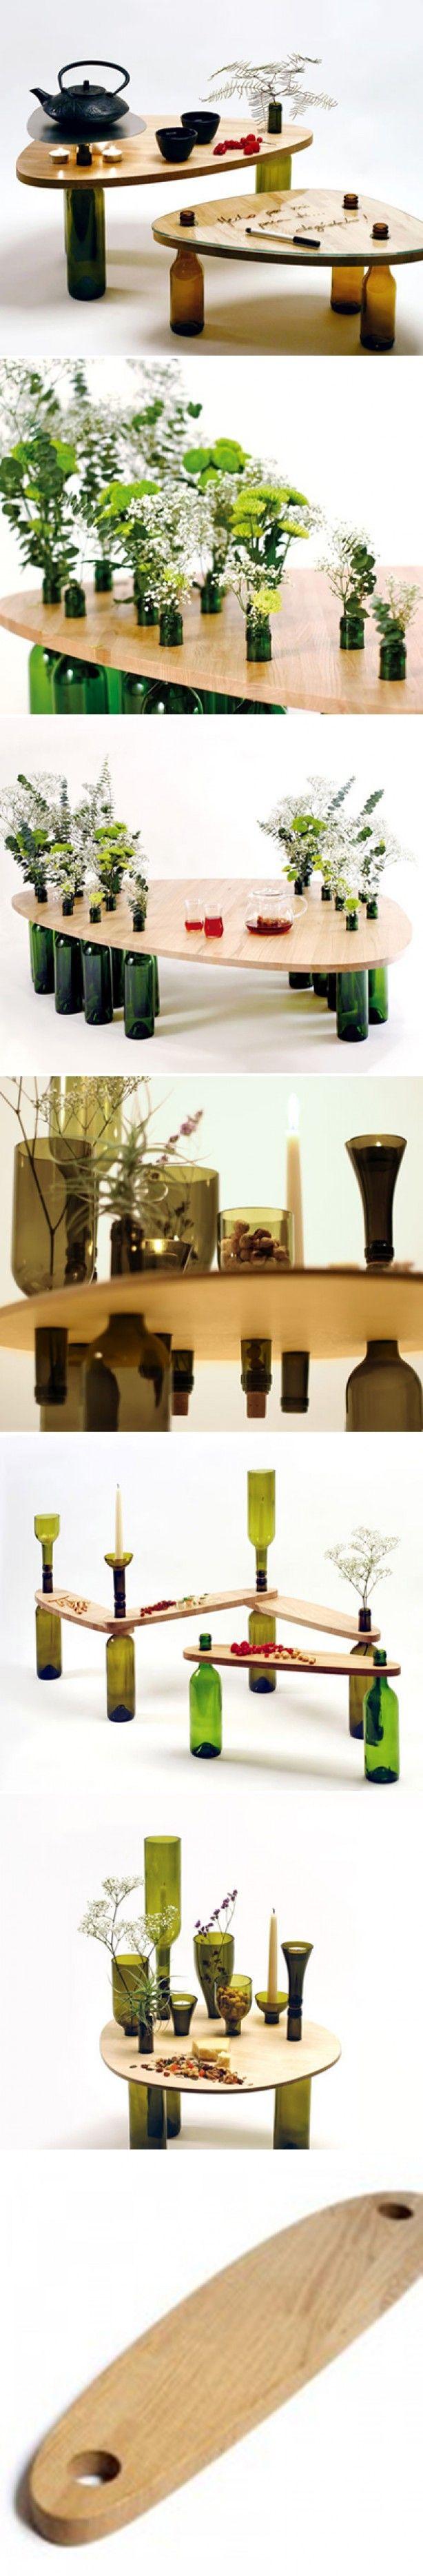 25 beste idee n over wijn kamers op pinterest wijnkelders wijnkelder modern en wijnkelder - Wijnkelder decoratie ...